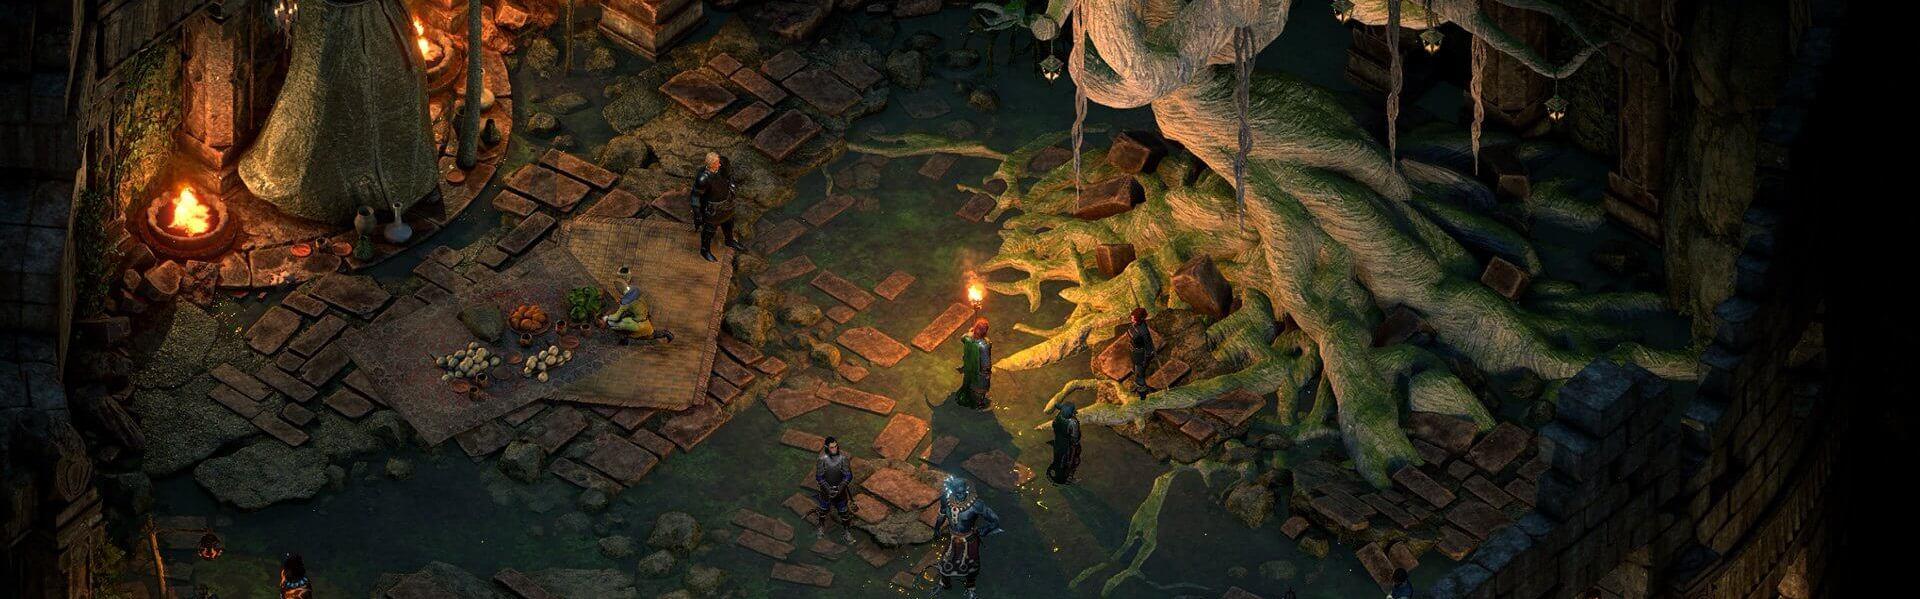 Pillars of Eternity II: Deadfire Steam Key GLOBAL